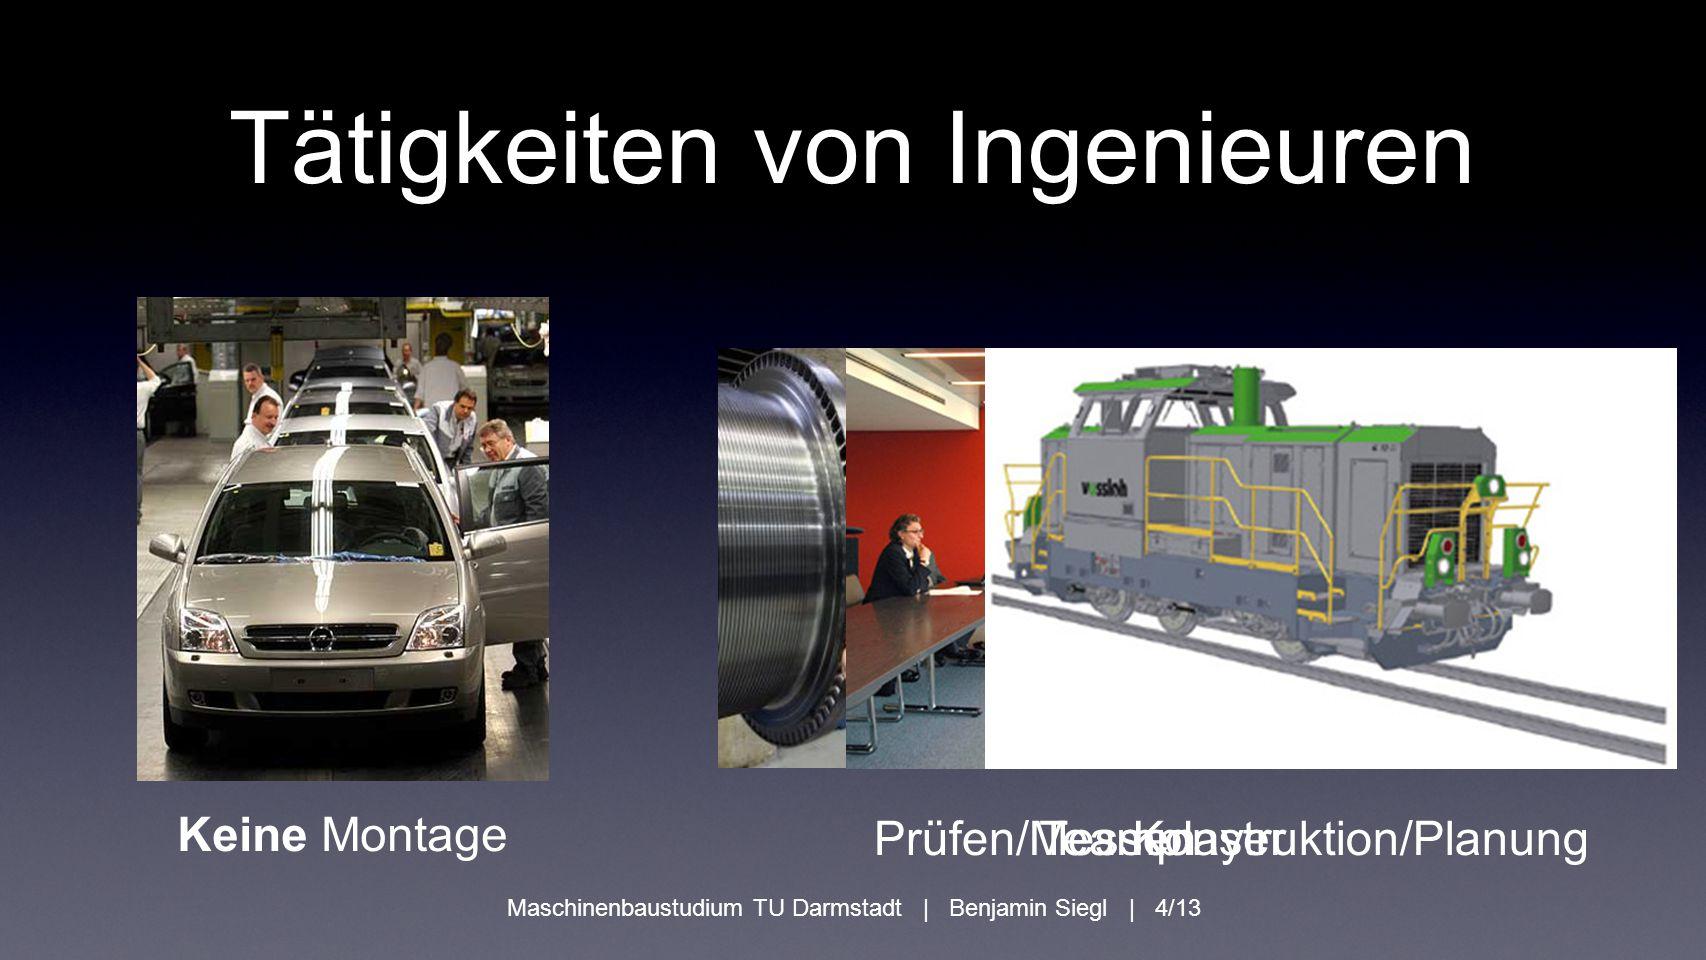 Maschinenbaustudium TU Darmstadt | Benjamin Siegl | 4/13 Tätigkeiten von Ingenieuren Keine Montage Prüfen/MessenTeamplayerKonstruktion/Planung